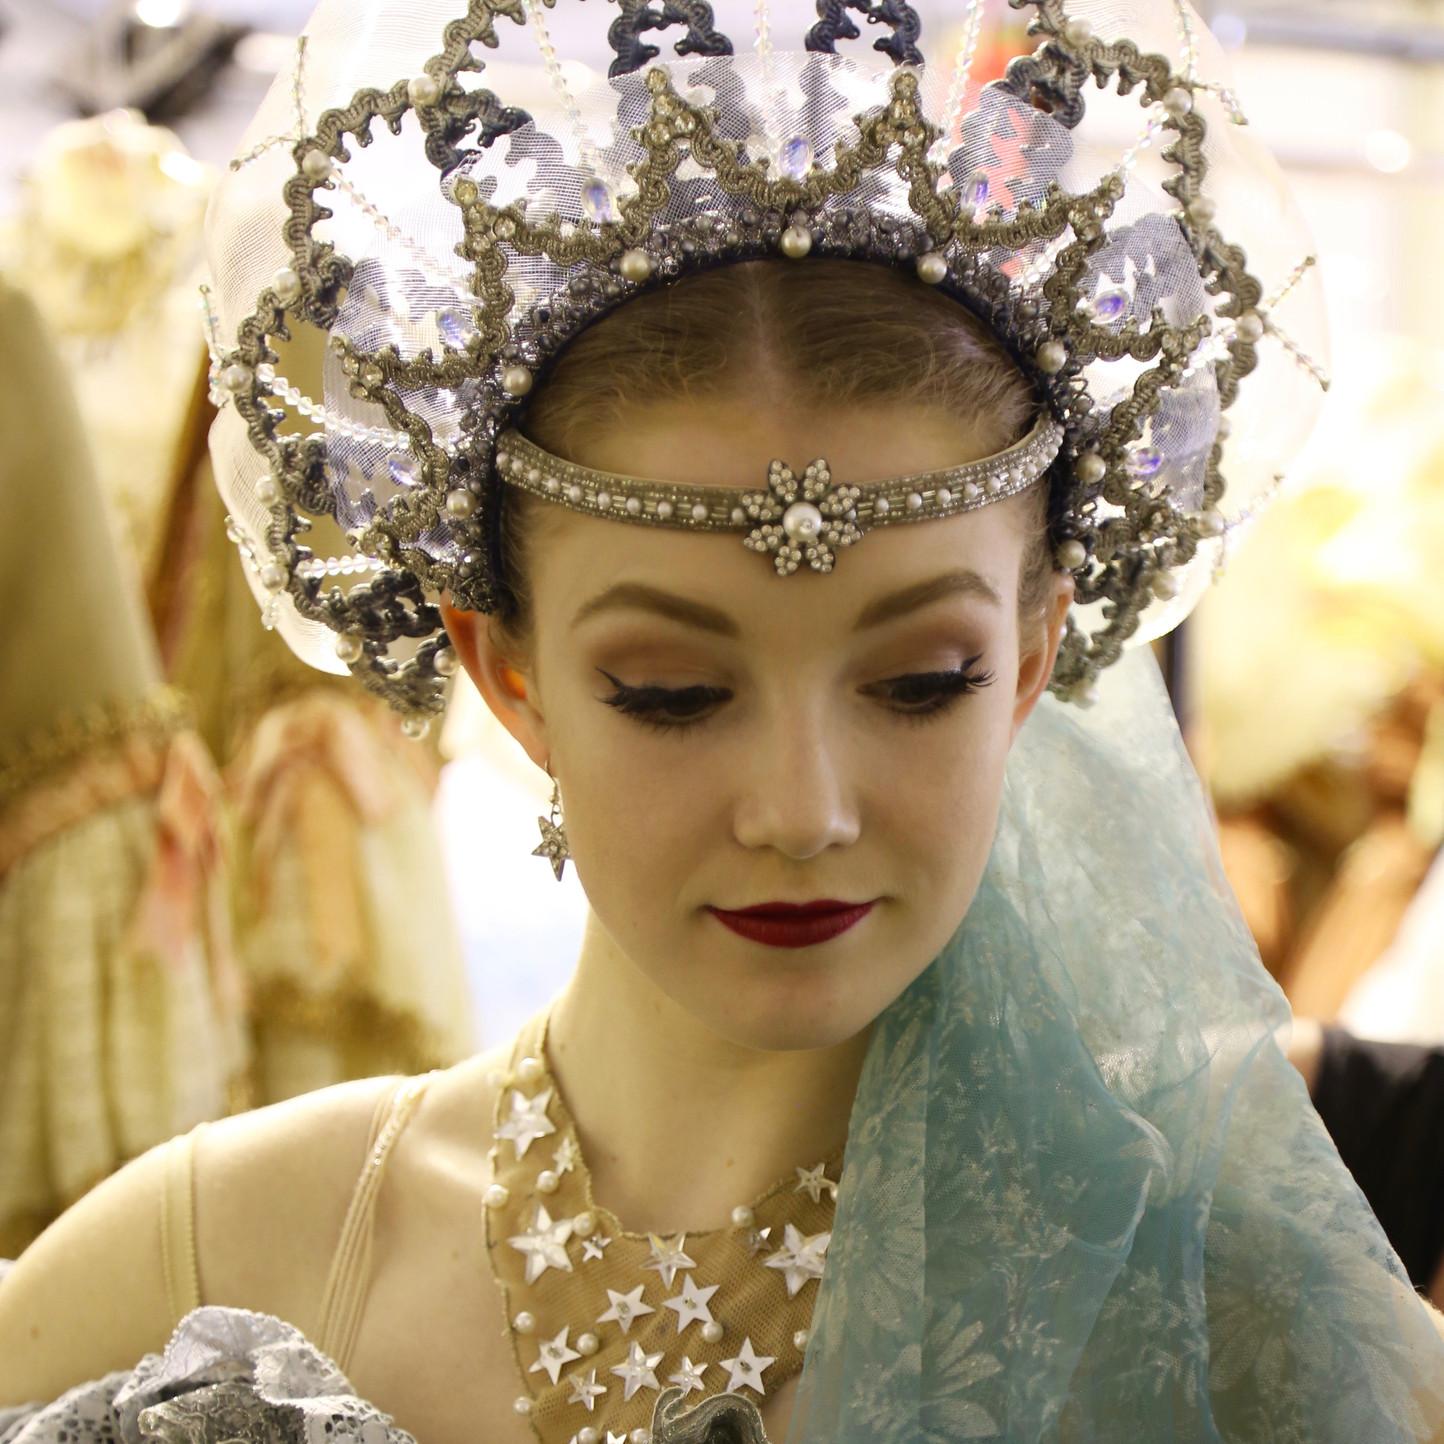 Artist of The Australian Ballet School Jill Ogai